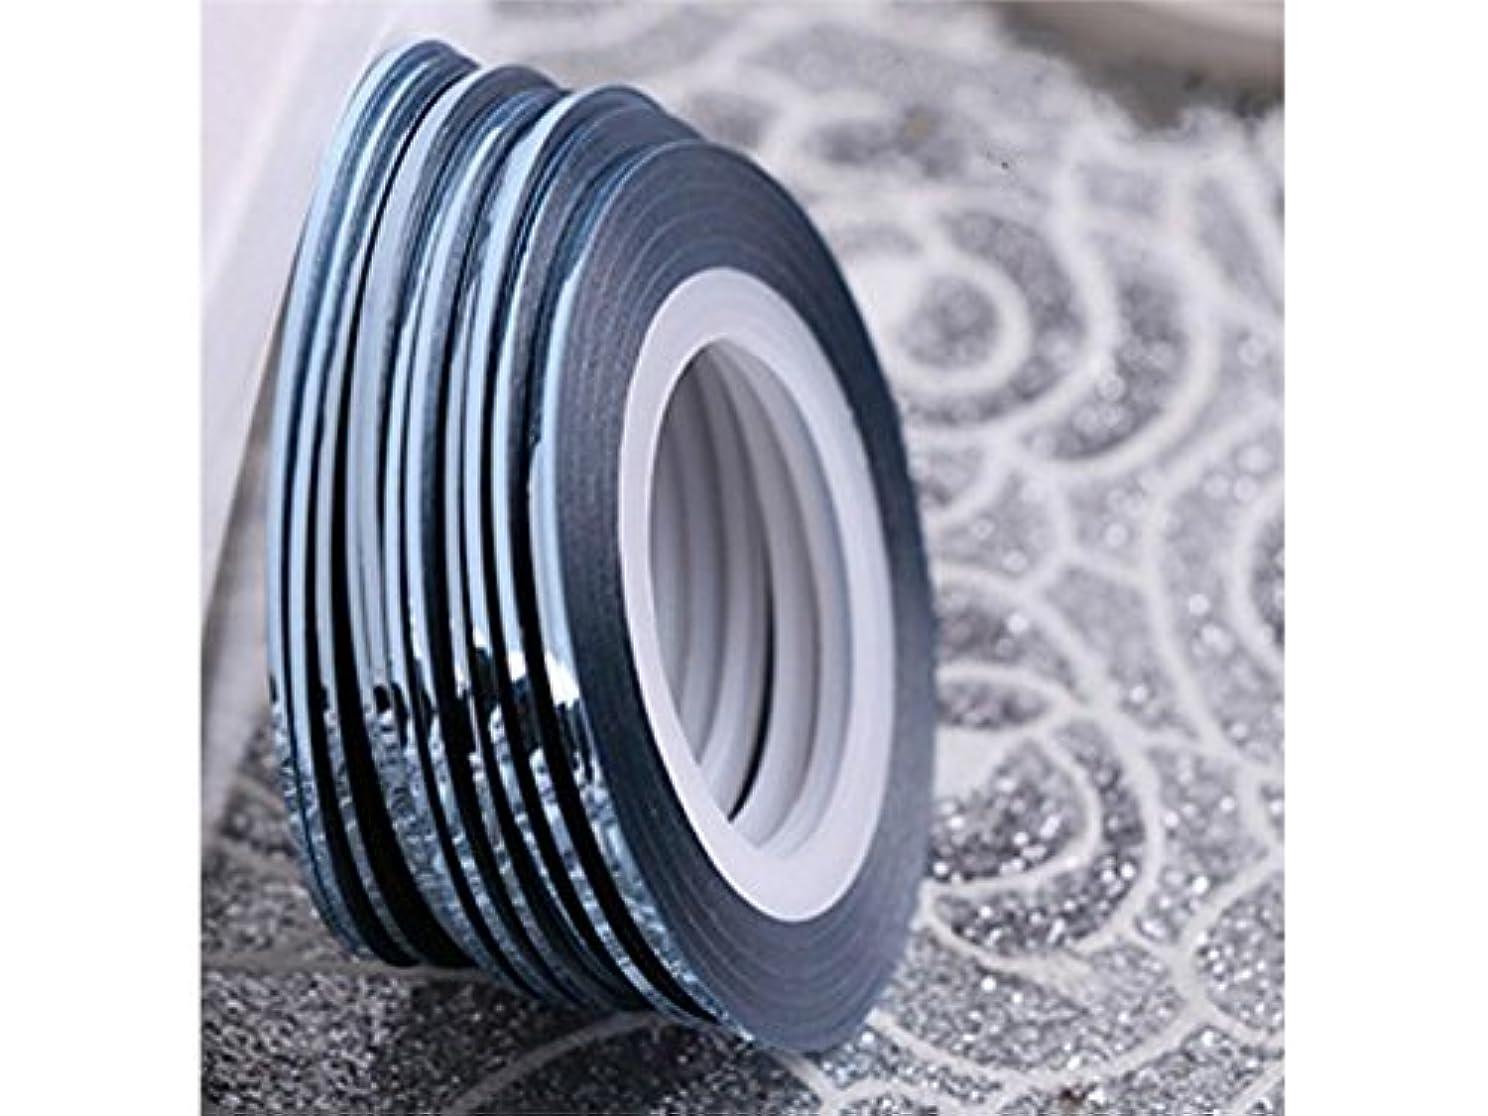 否定する恩恵ハンドブックOsize ネイルアートキラキラゴールドシルバーストリップラインリボンストライプ装飾ツールネイルステッカーストライピングテープラインネイルアートデコレーション(ライトブルー)